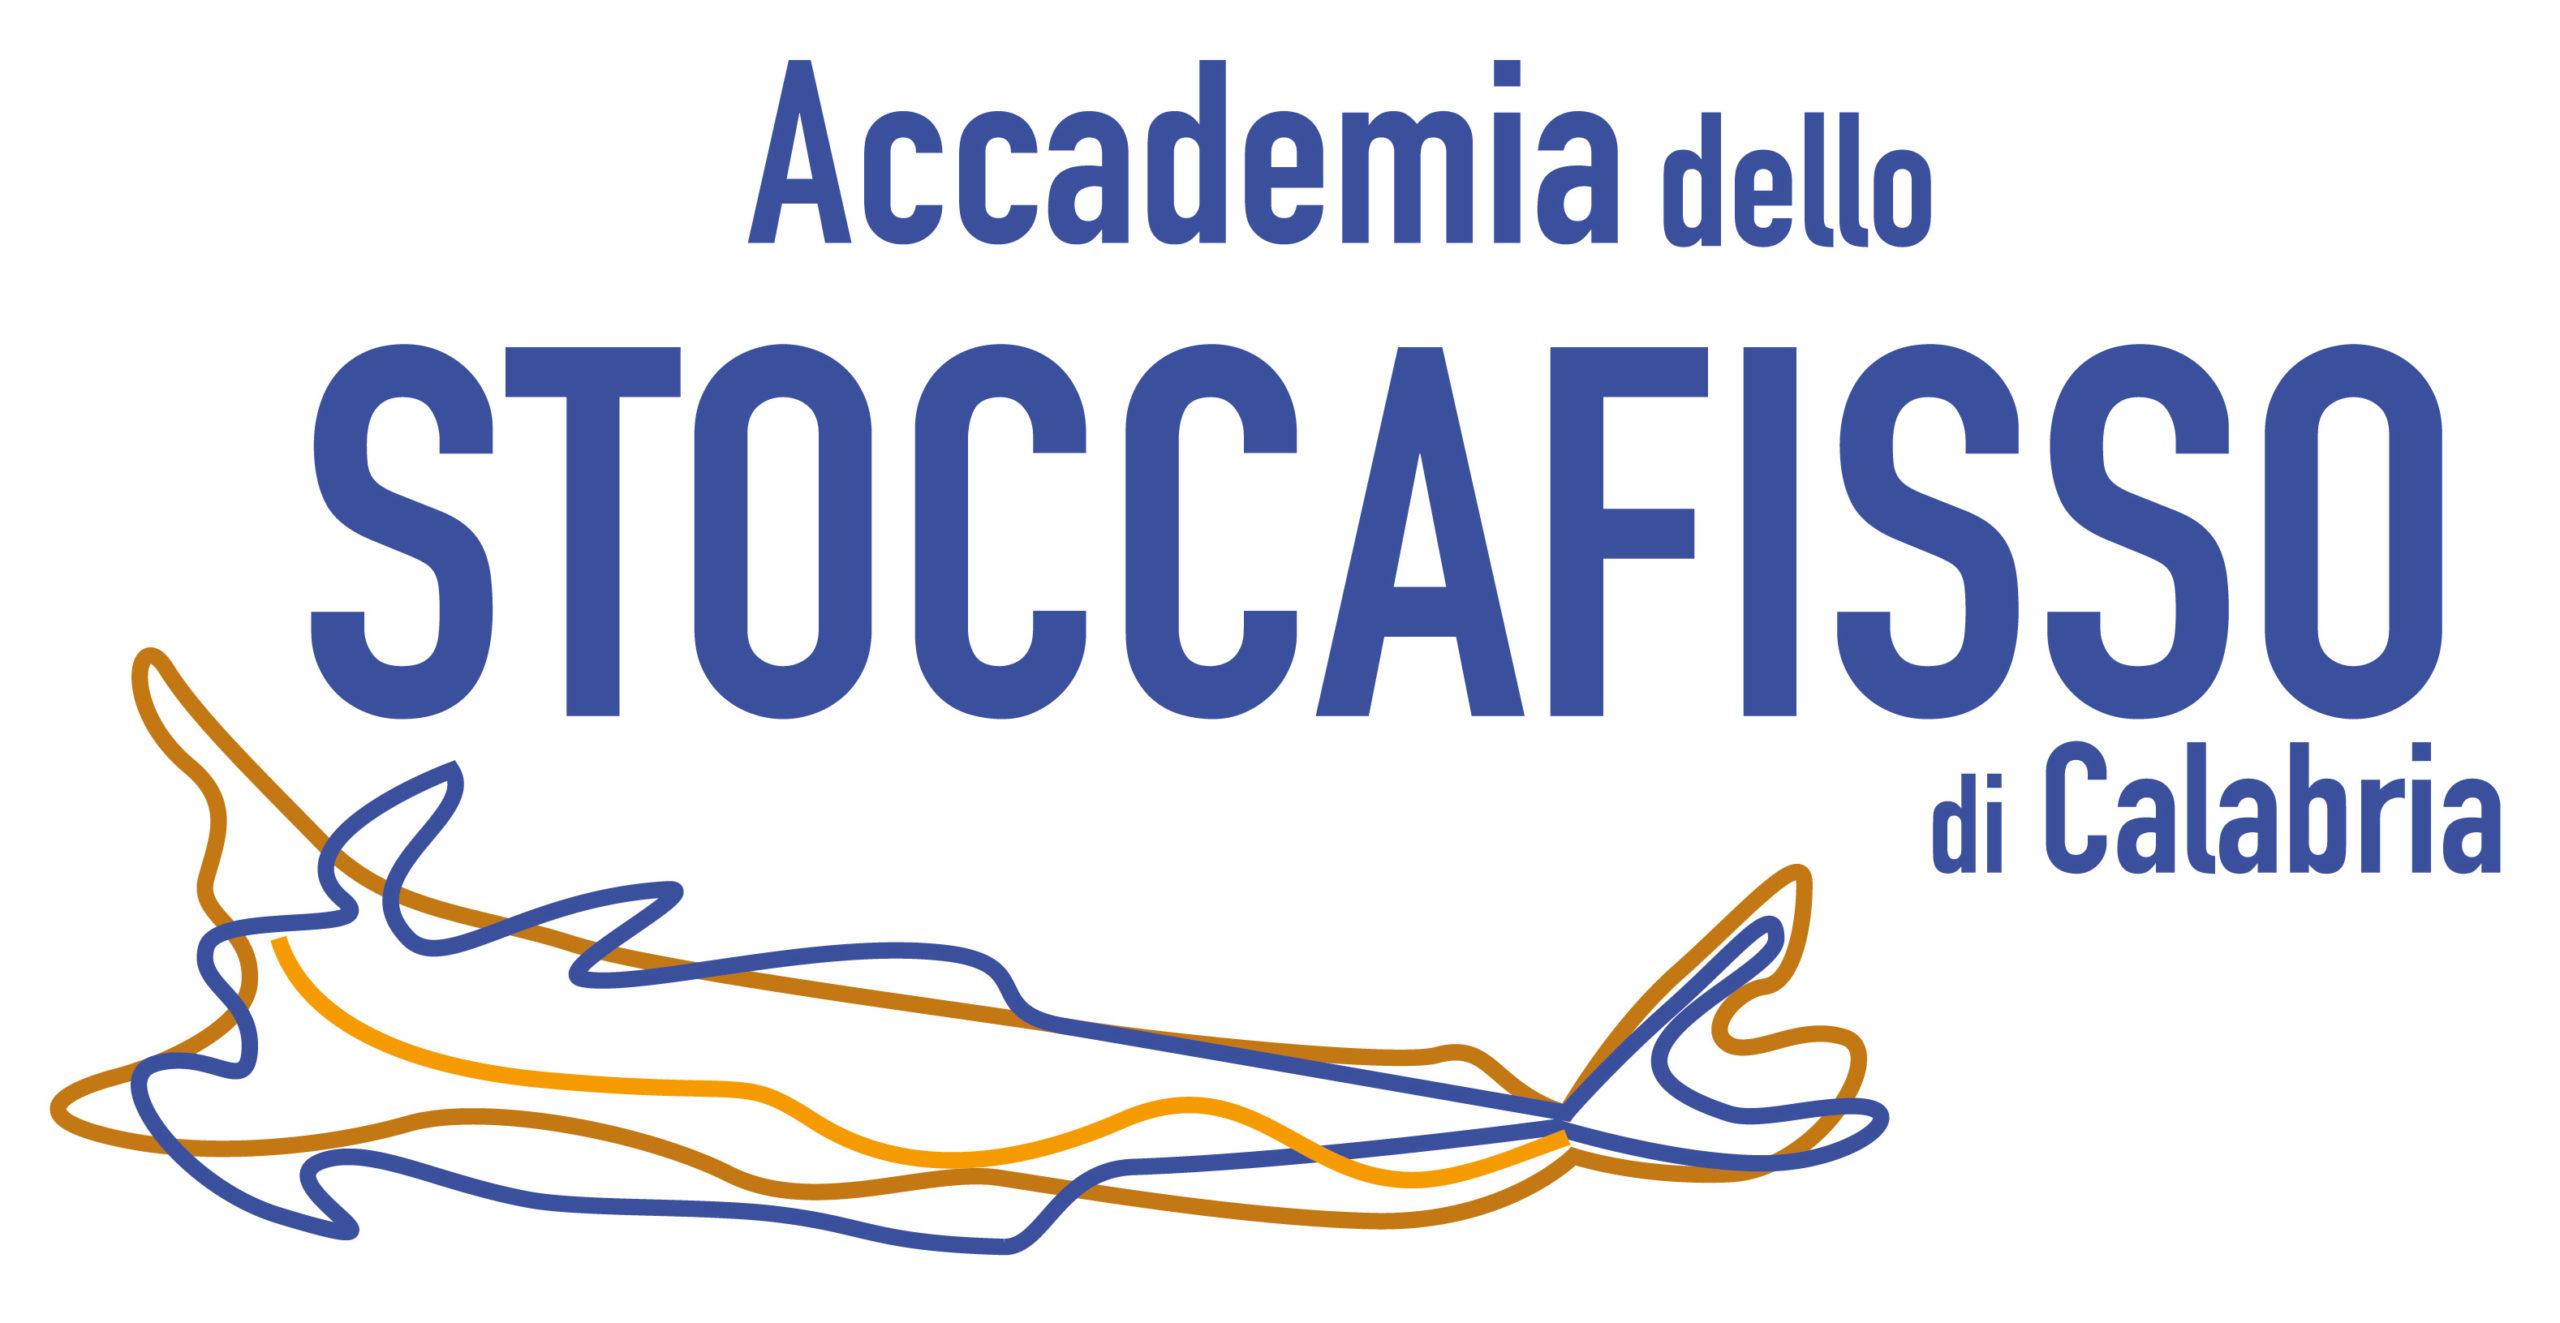 Accademia dello Stoccafisso di Calabria